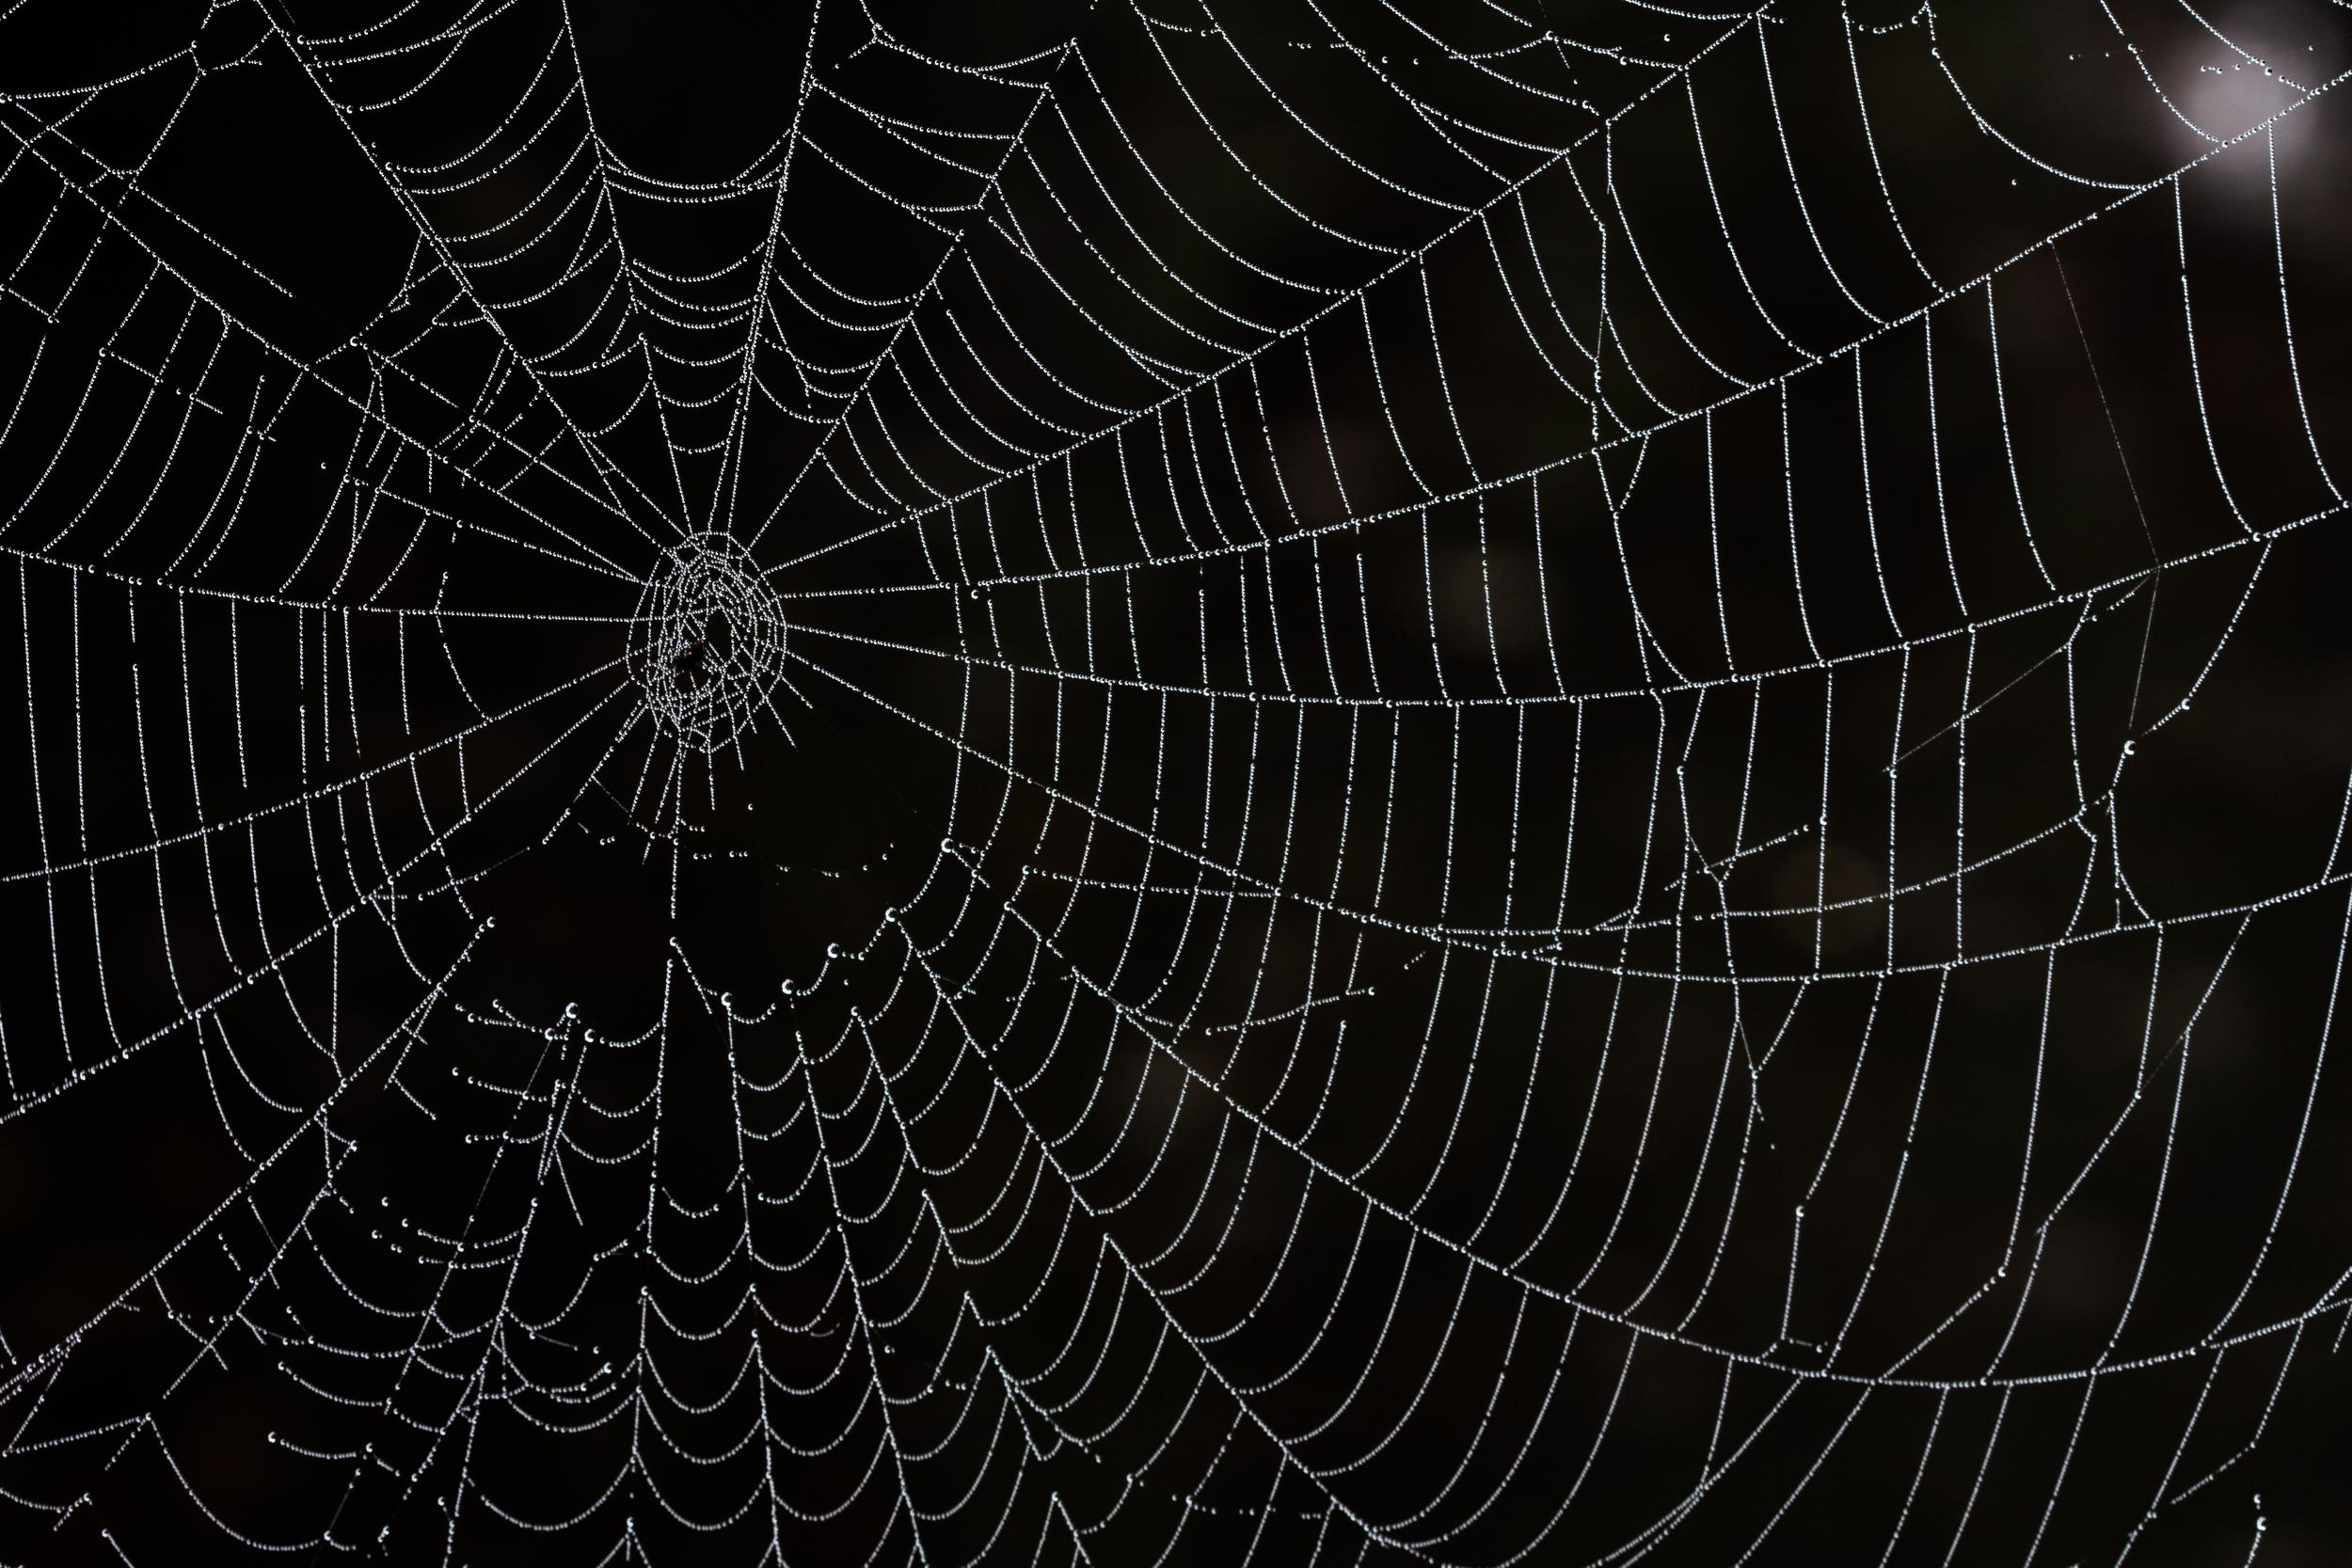 spiderweb_with_dew.jpg